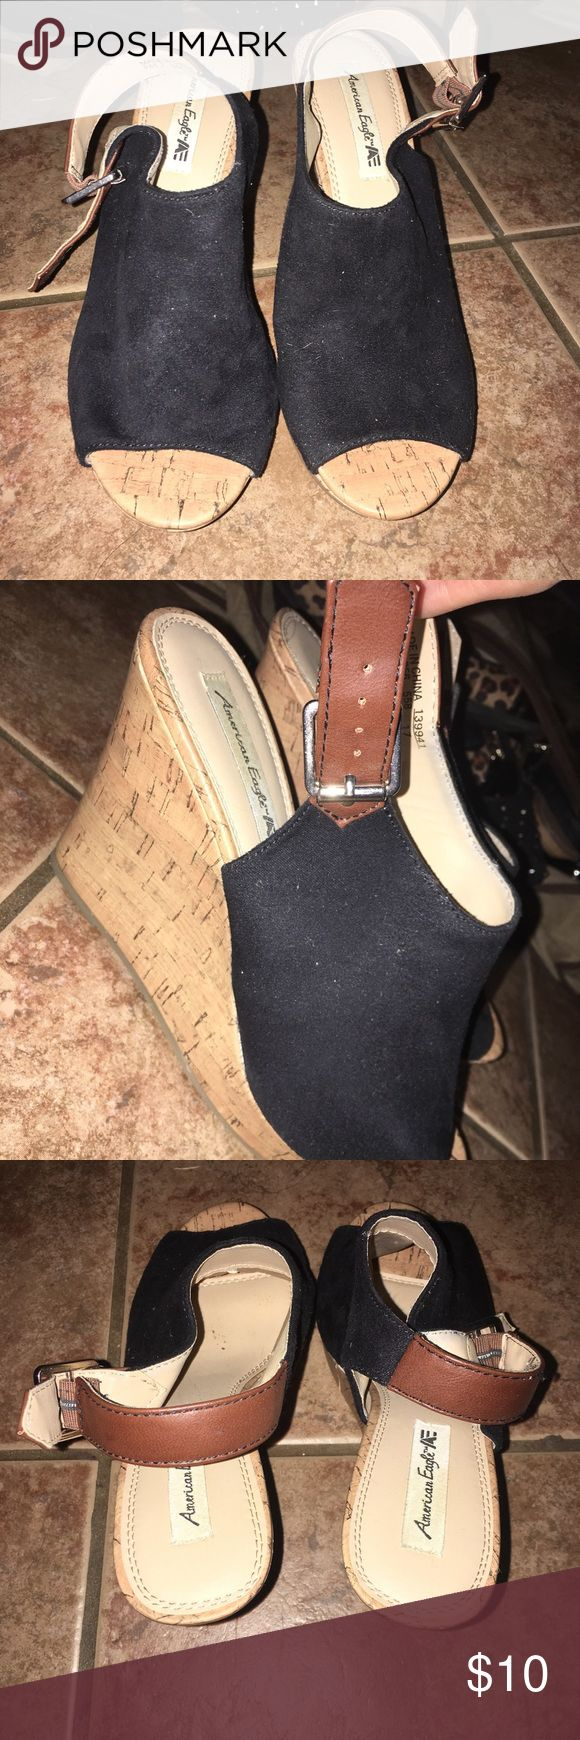 America Eagle (Payless) Wedge Heels Black sued Wedge heels 👠 super cute!! Like new worn a few times American Eagle by Payless Shoes Heels